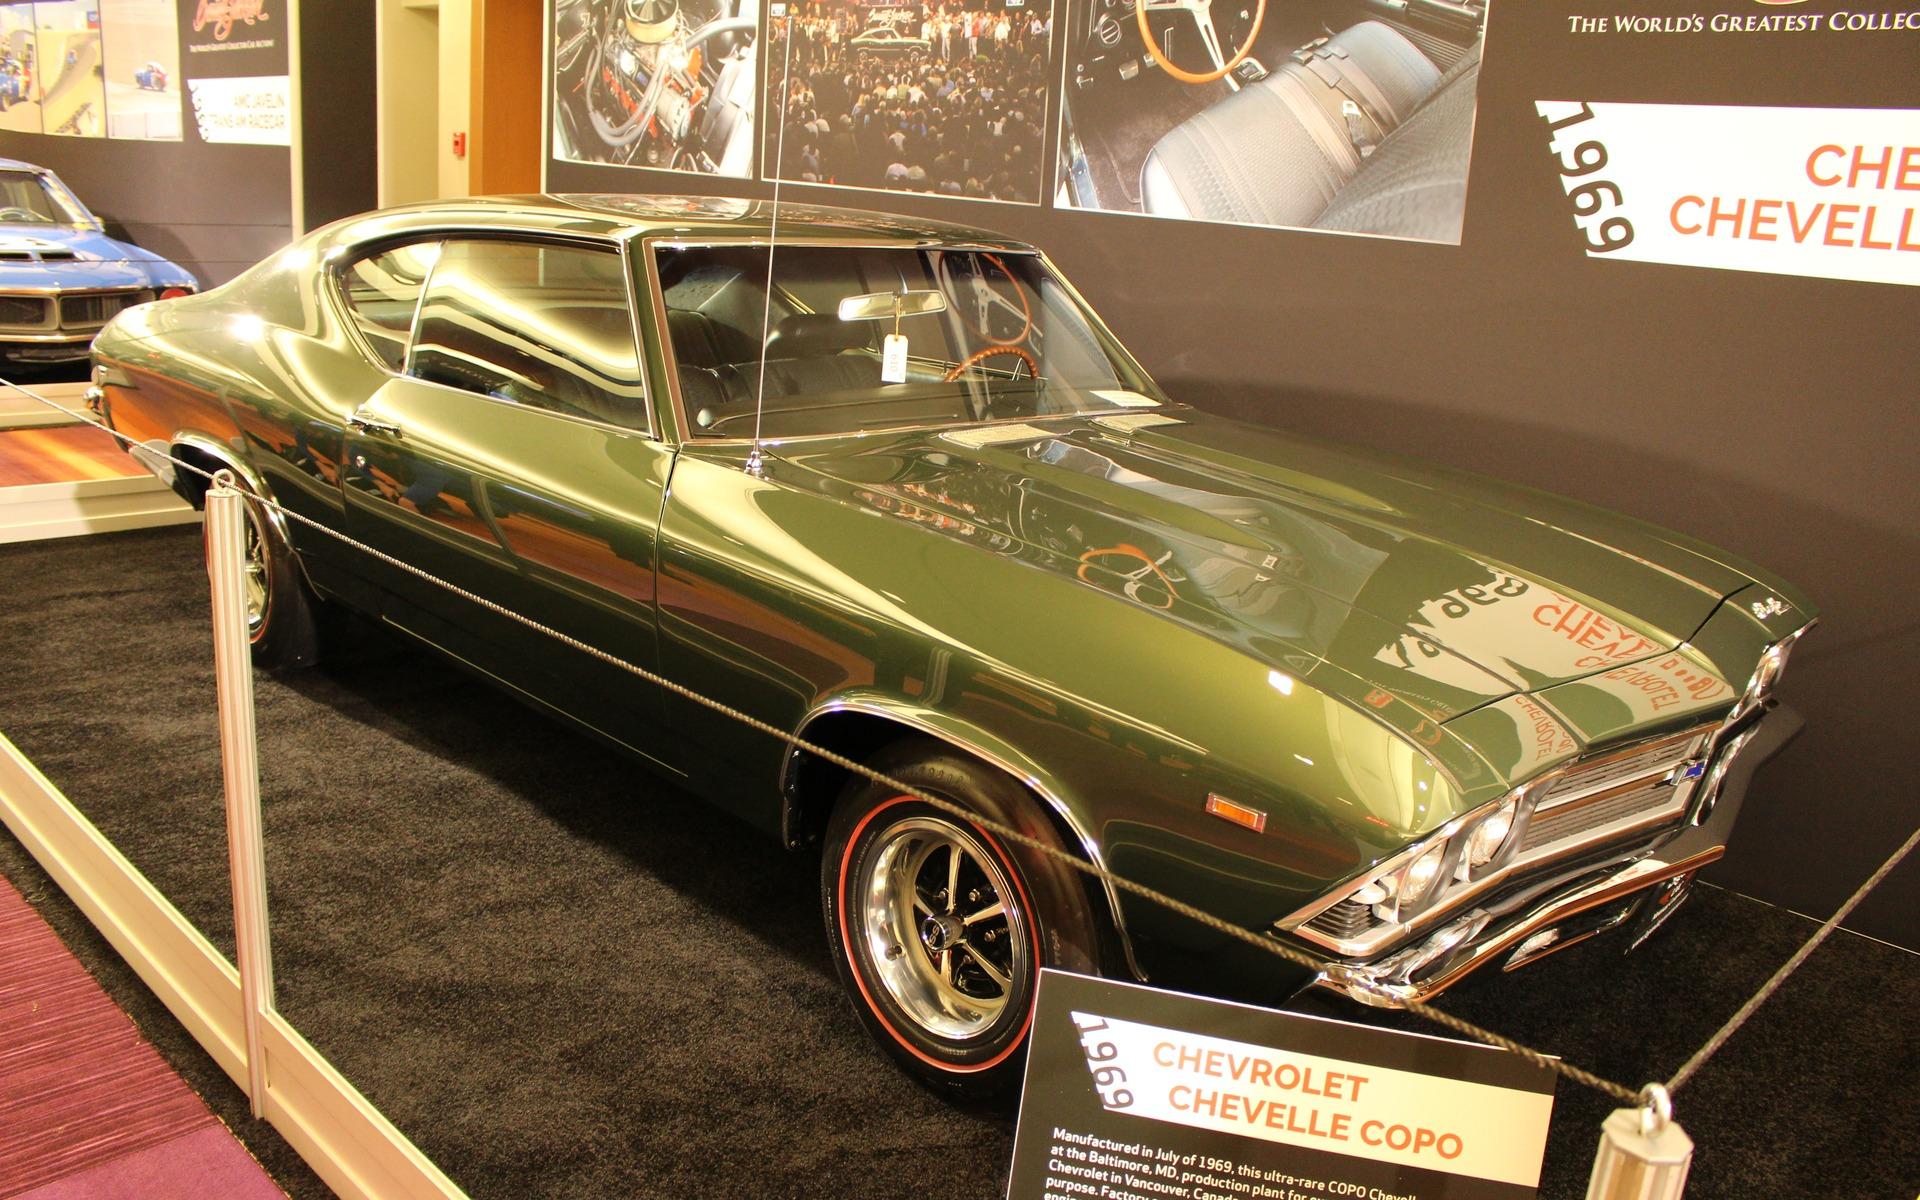 <p>1969 Chevrolet Chevelle COPO</p>